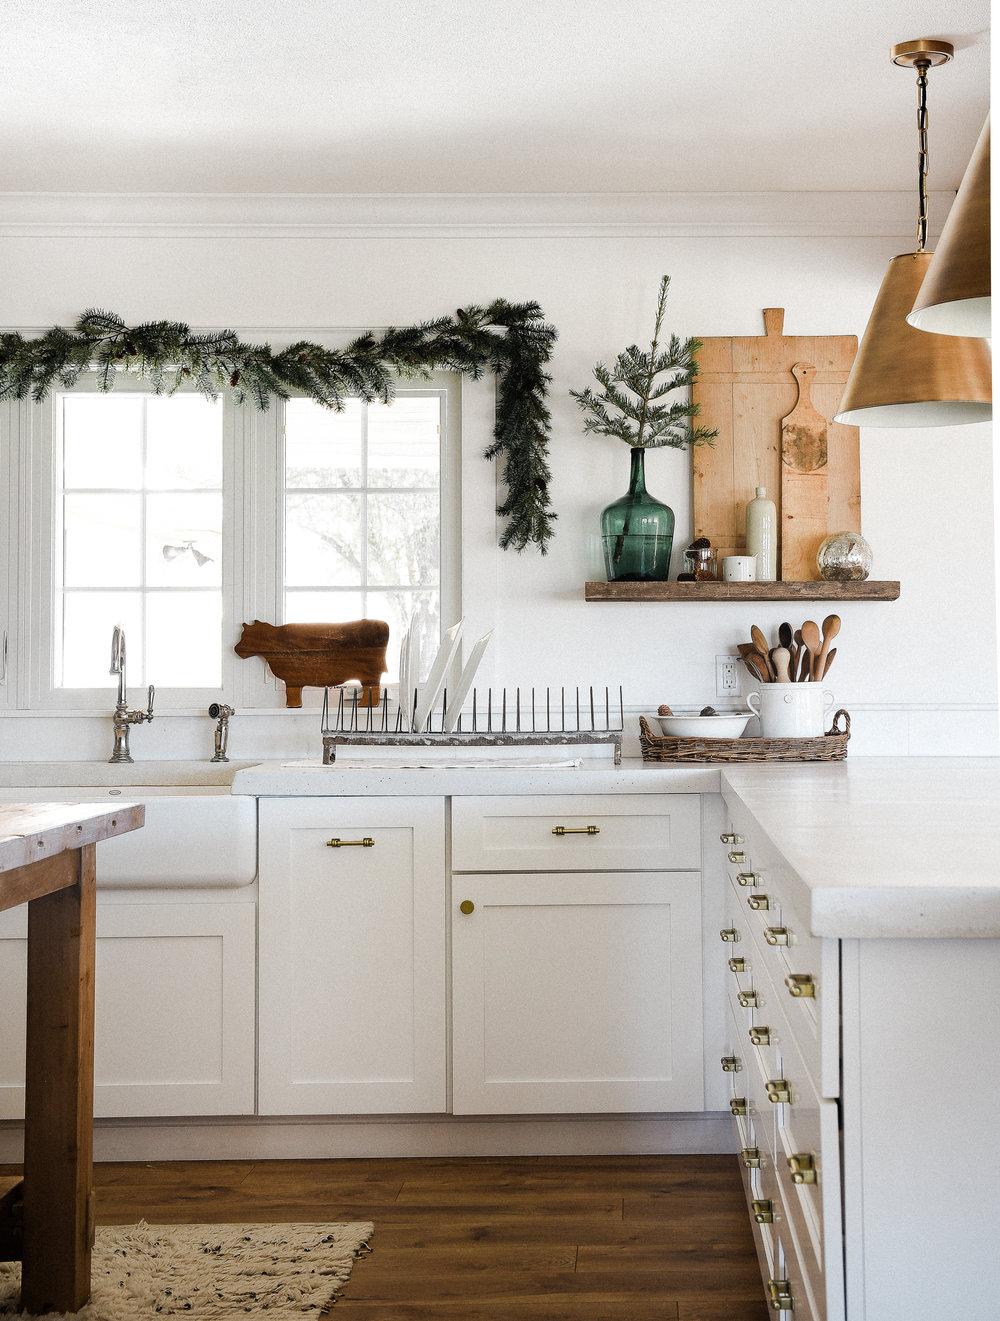 Farmhouse Christmas Decorating Ideas: Our Christmas Kitchen ...